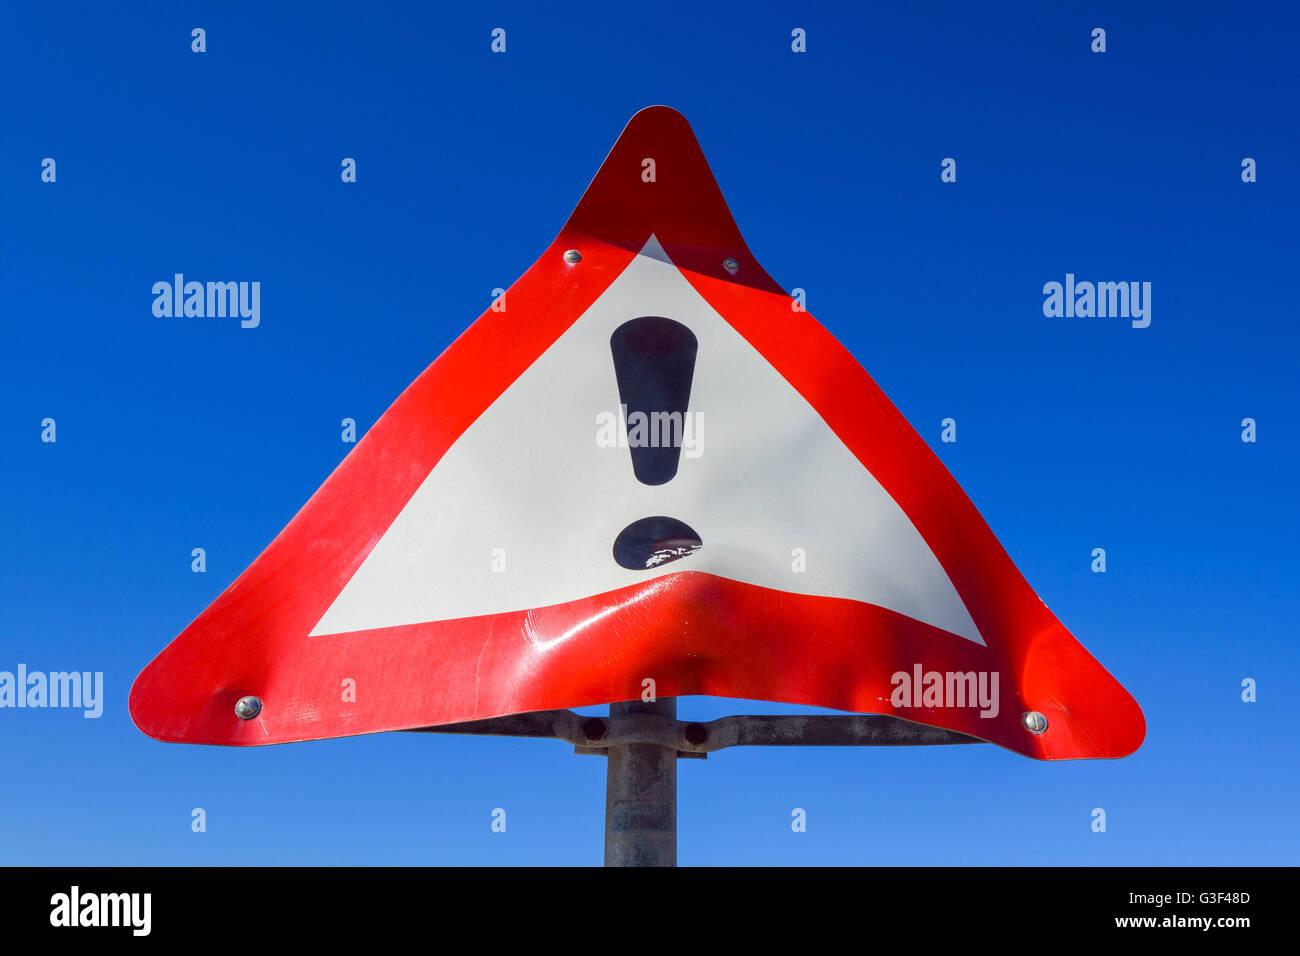 Deformed Warning Sign, Thorup Strand, Fjerritslev, North Jutland, Denmark - Stock Image